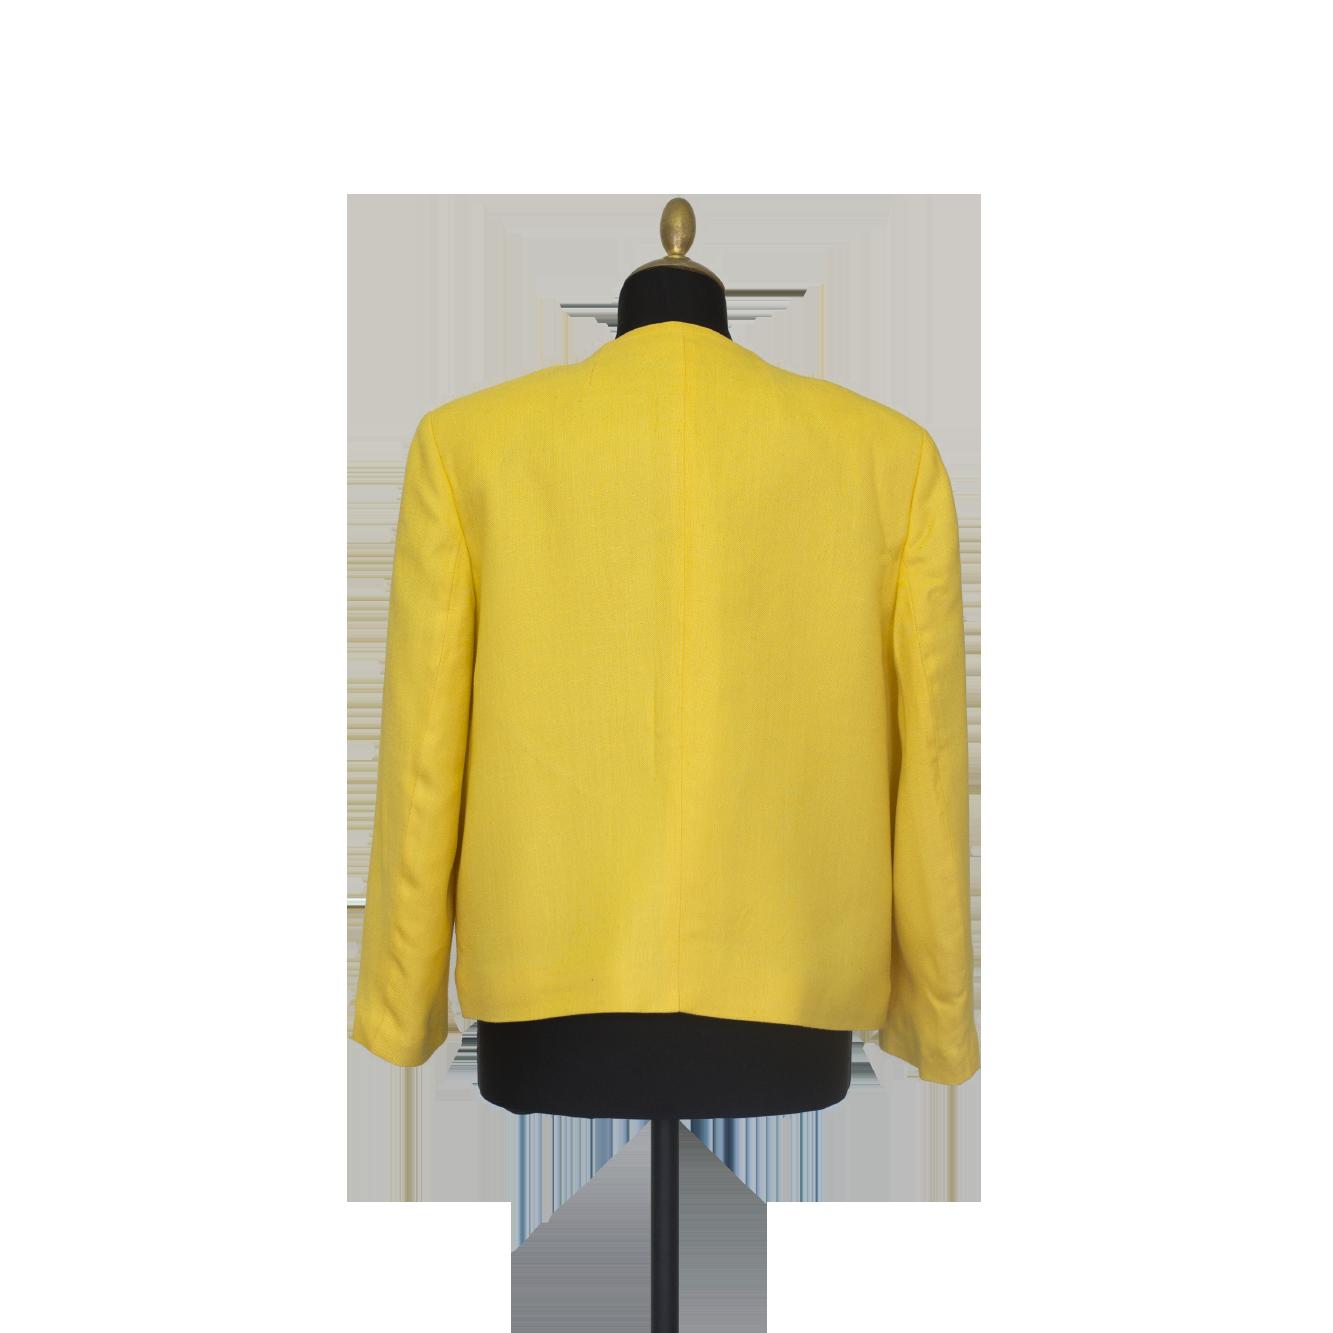 Ravens, keltainen jakku - 36/38